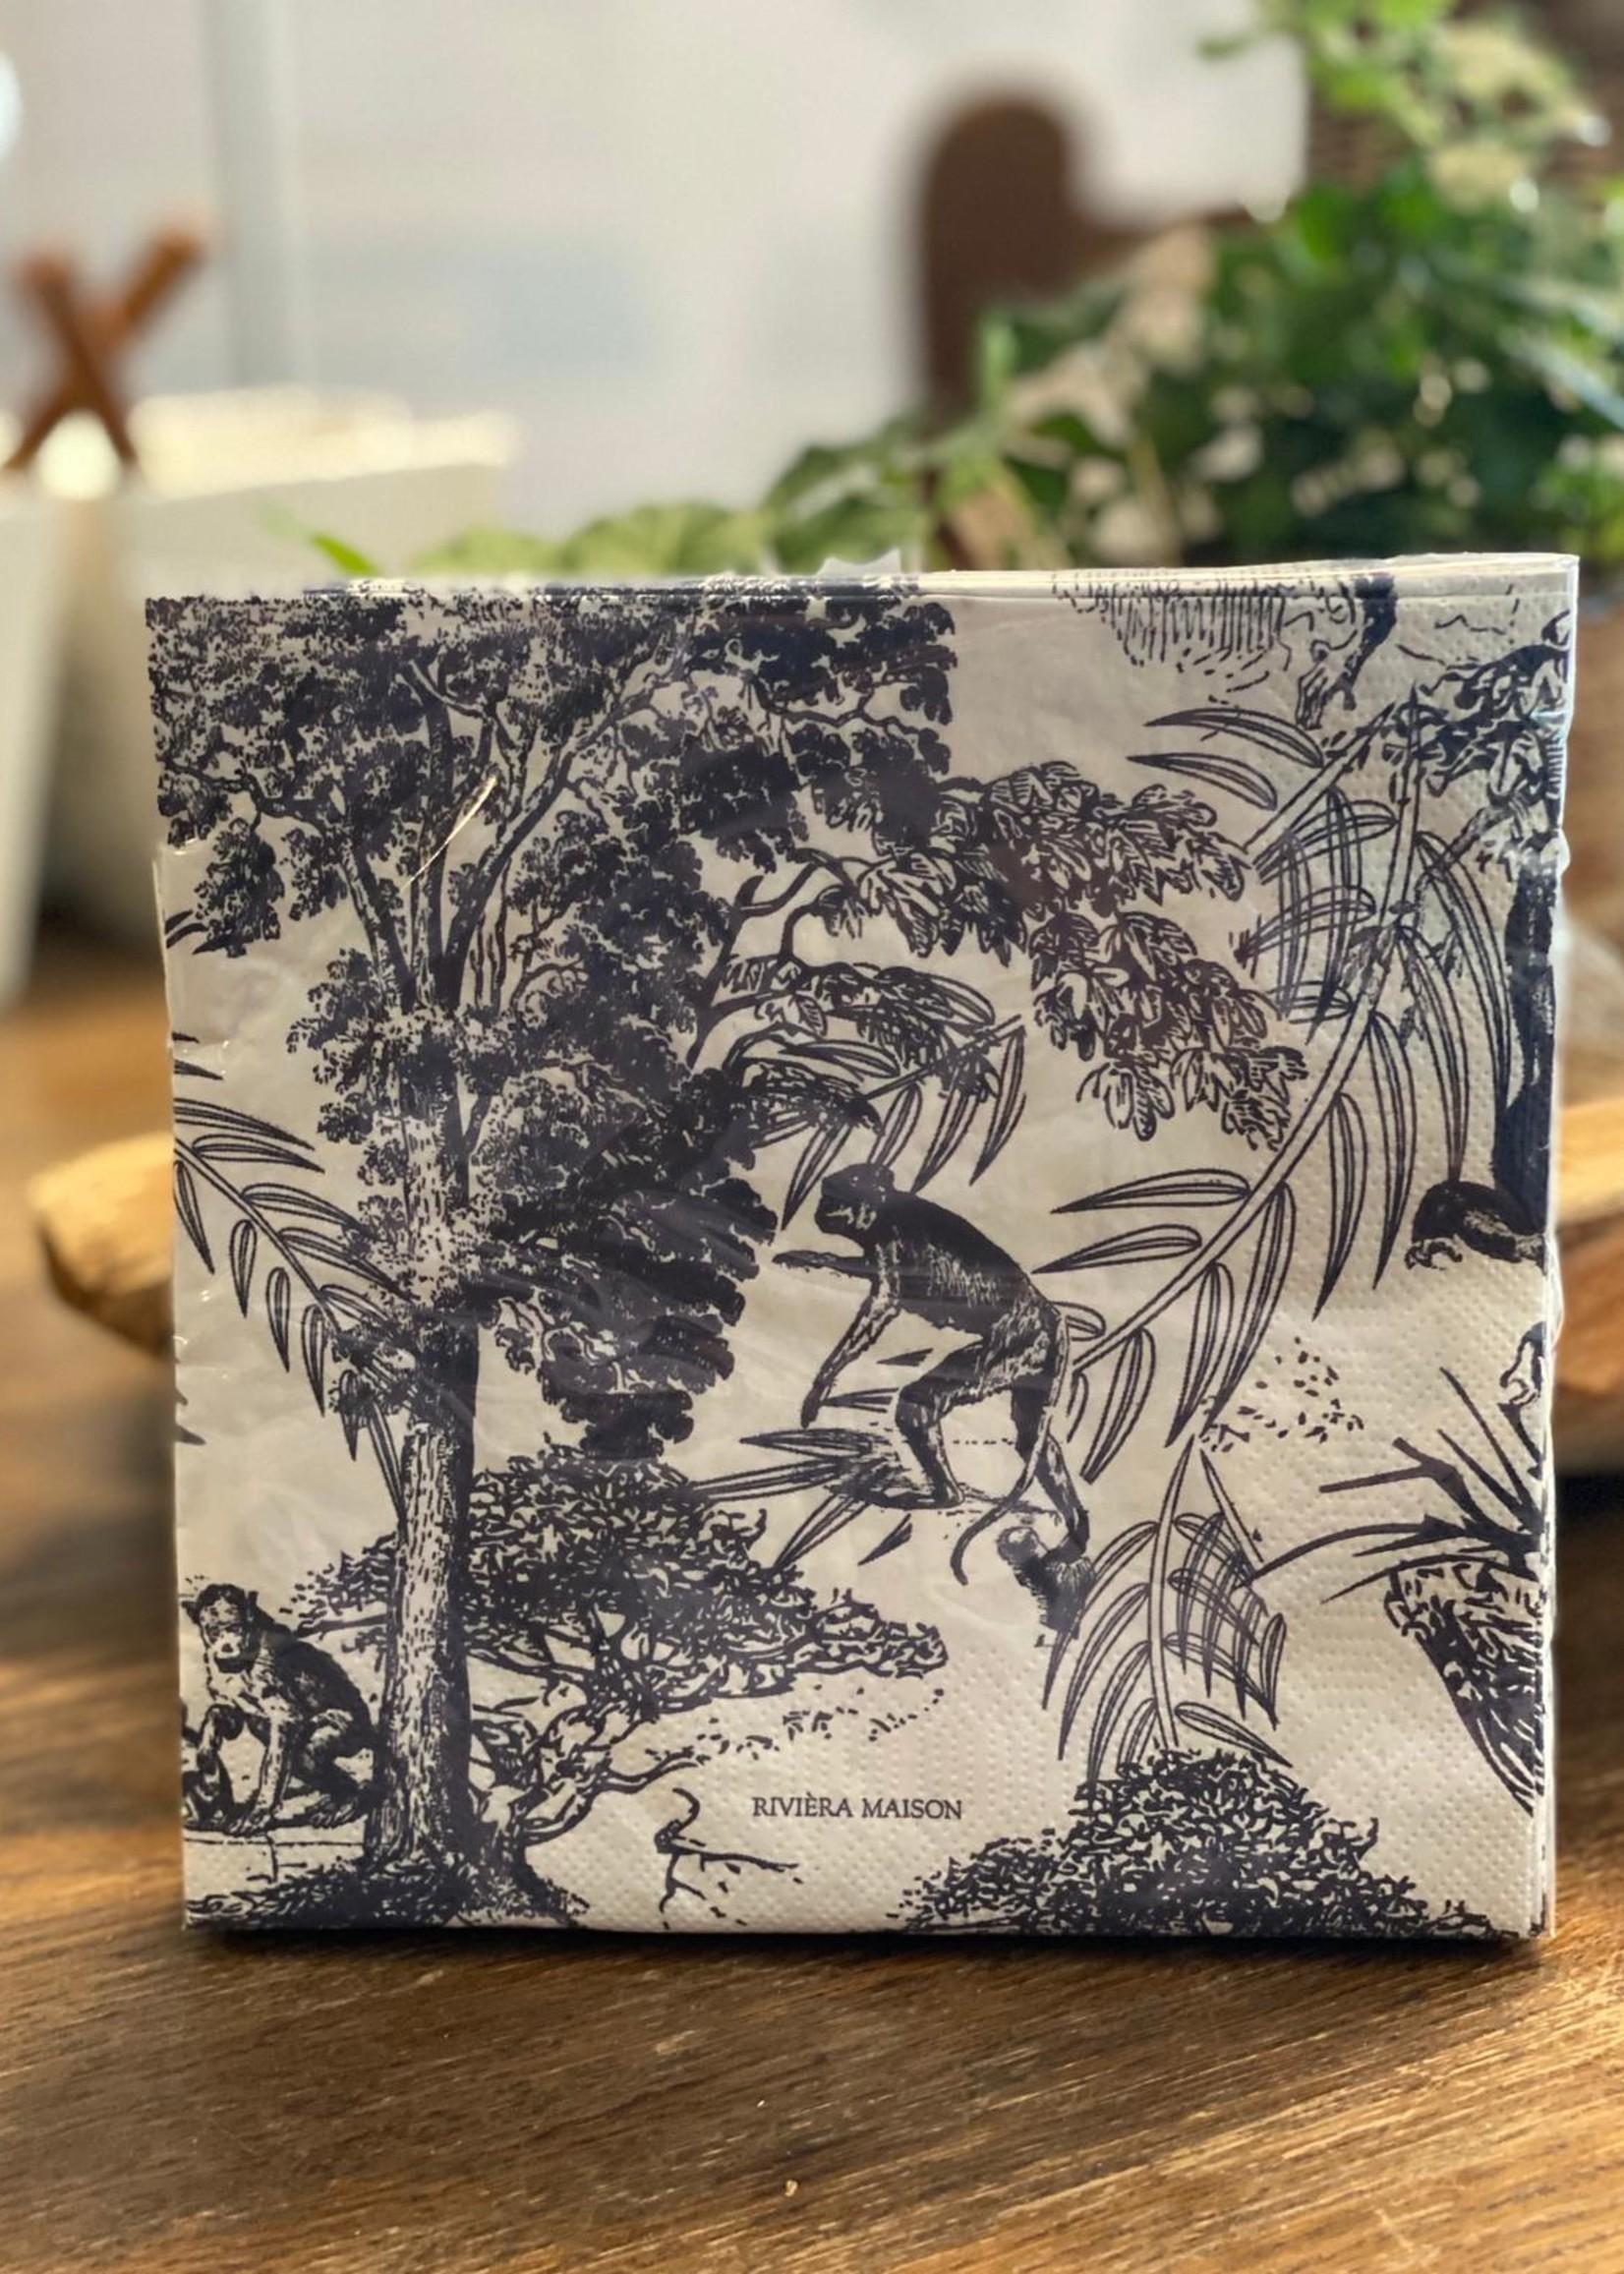 Riviera Maison Paper Napkin Joie De Vivre